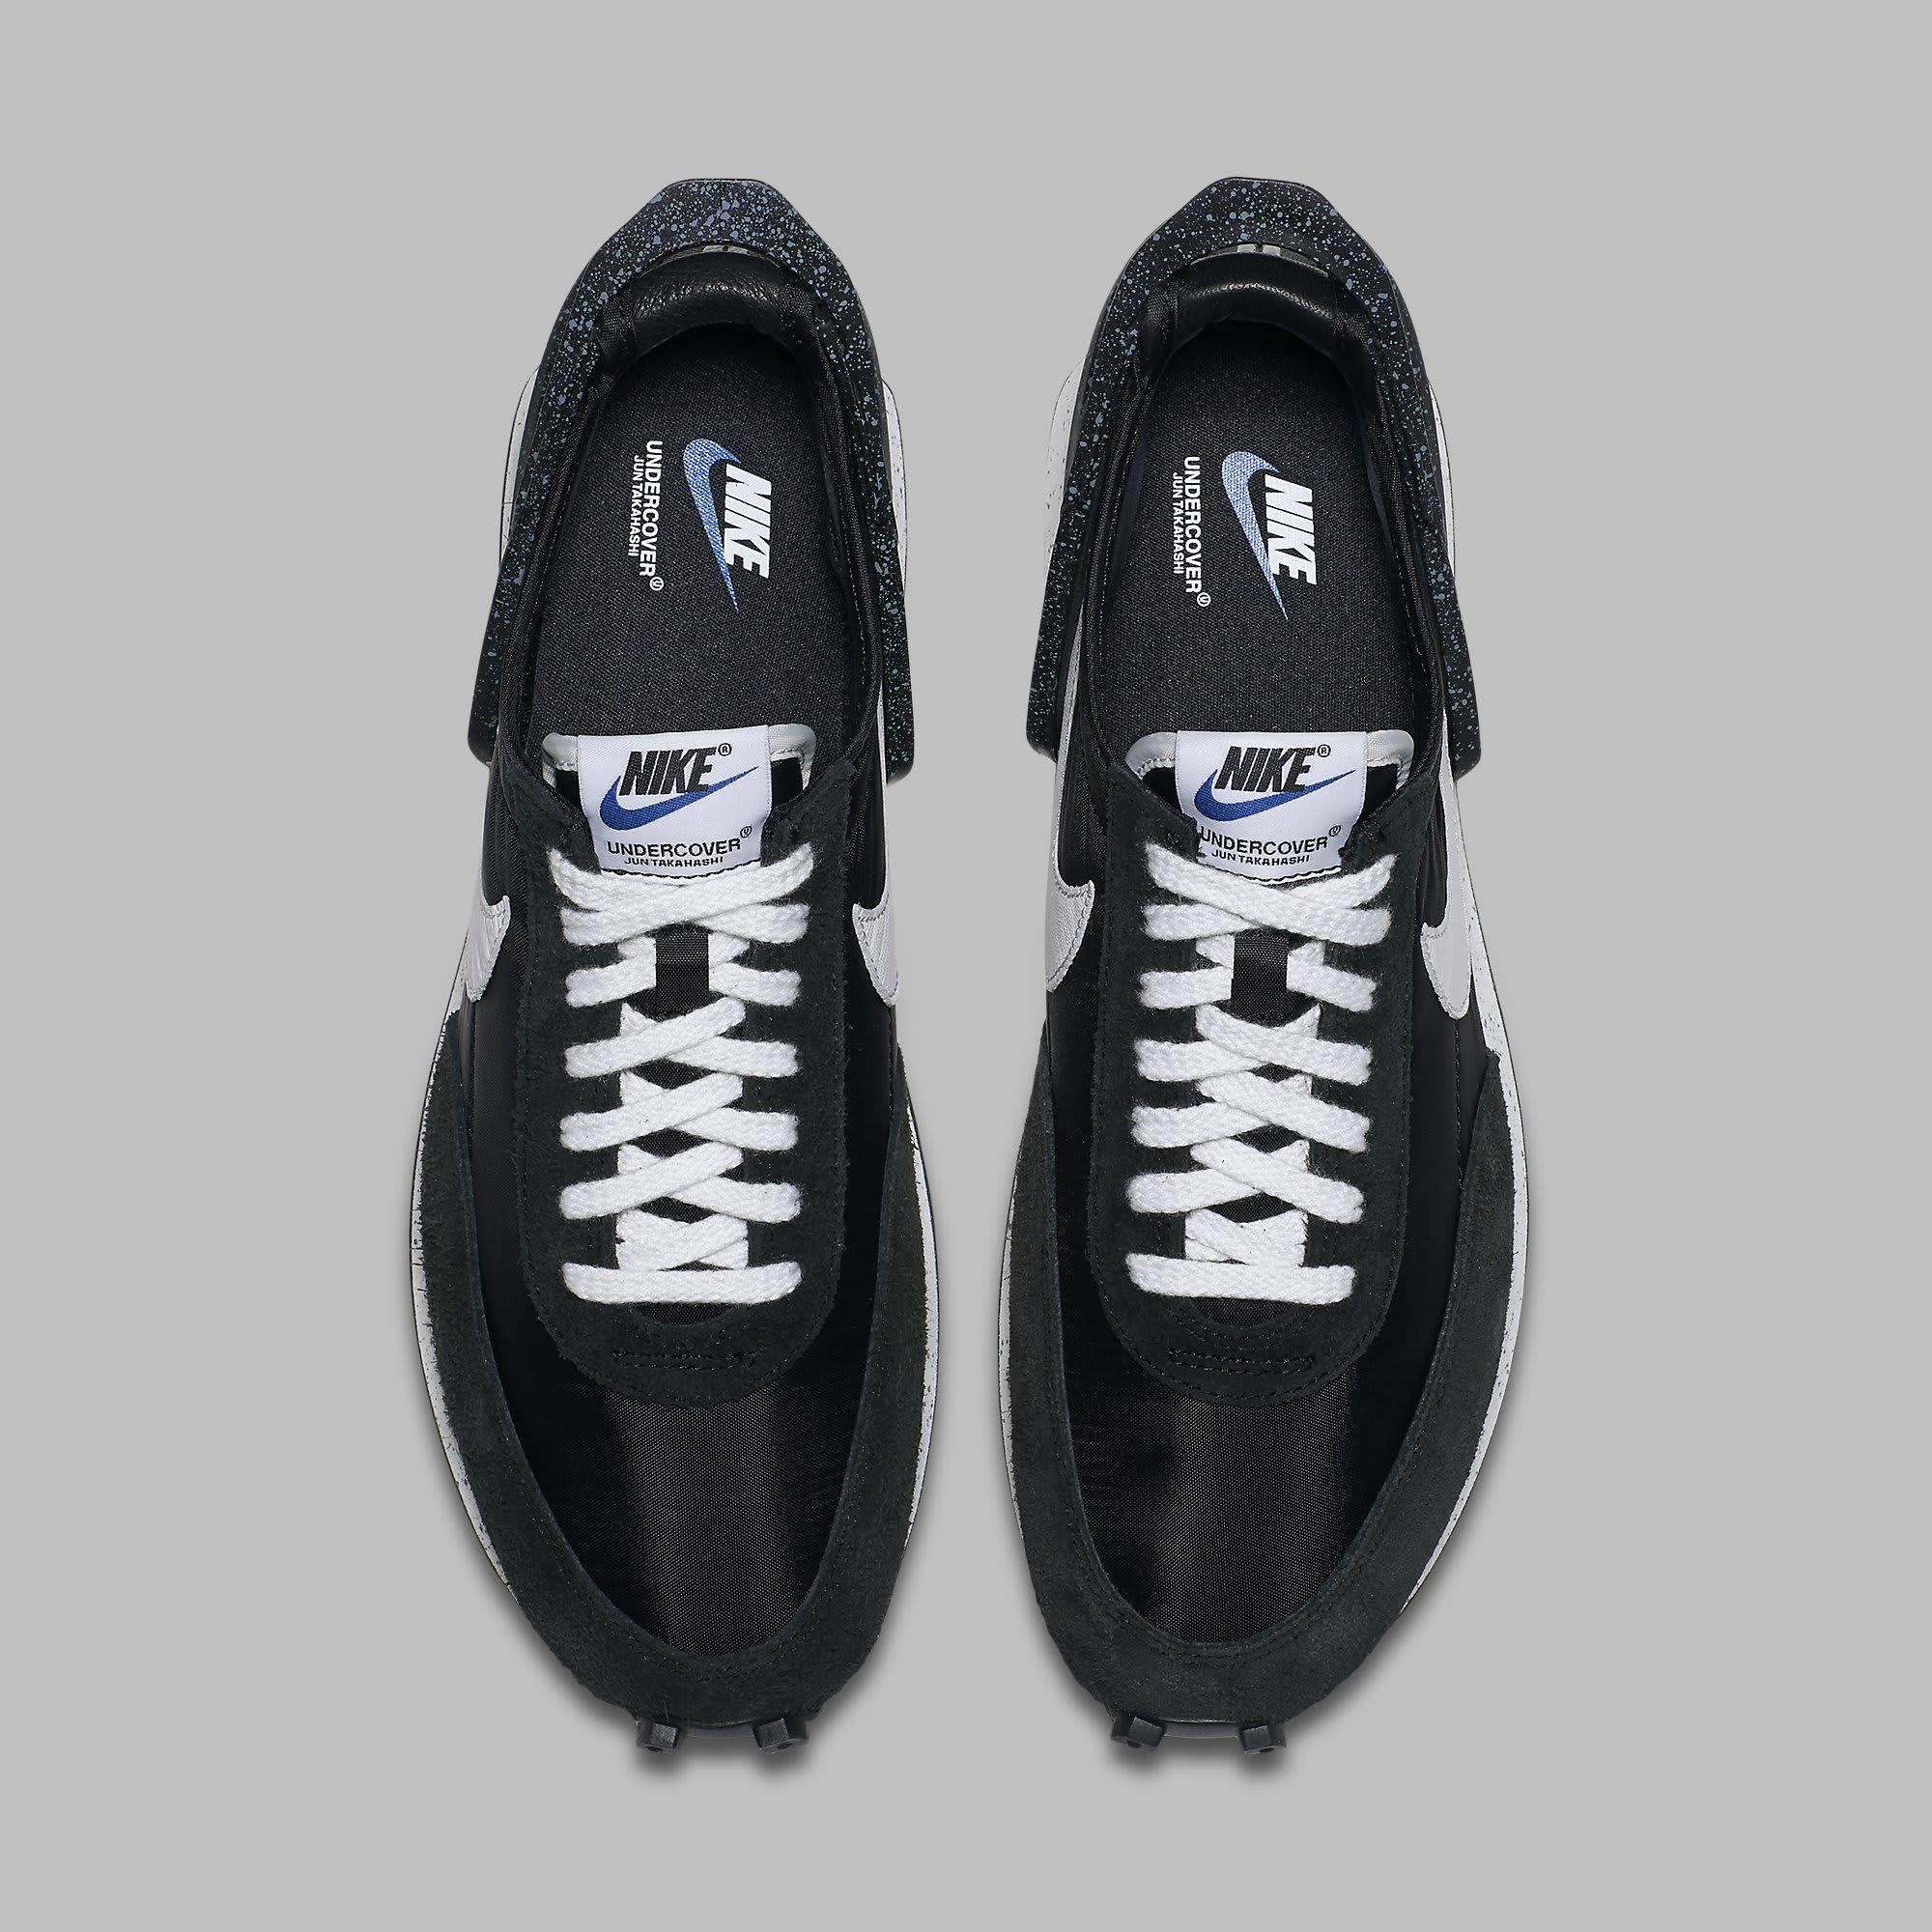 Undercover x Nike Daybreak 'Black' BV4594-001 Top